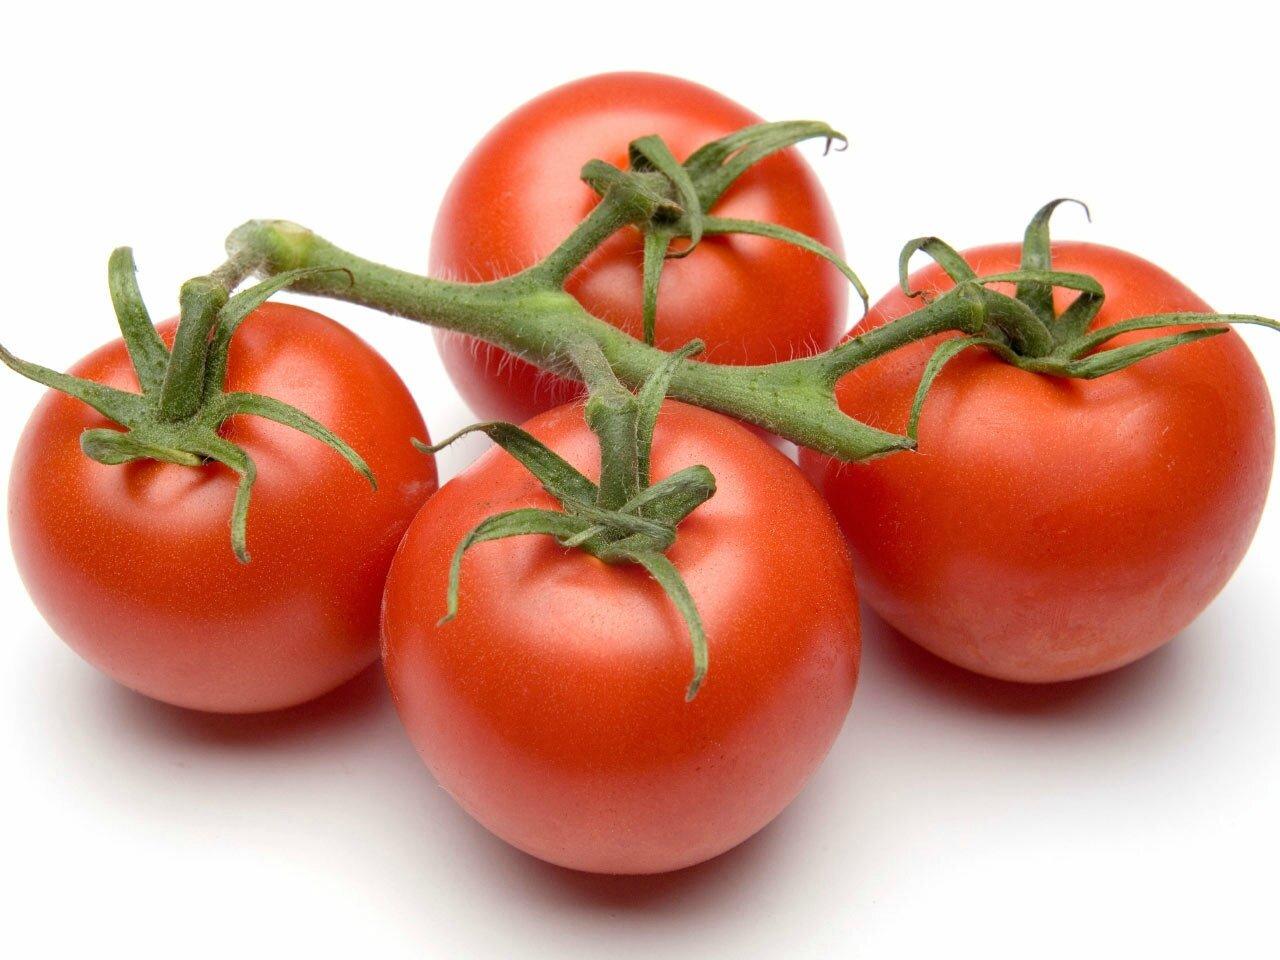 Comment diminuer l 39 acidit des tomates les delices - Traitement mildiou tomate bicarbonate soude ...